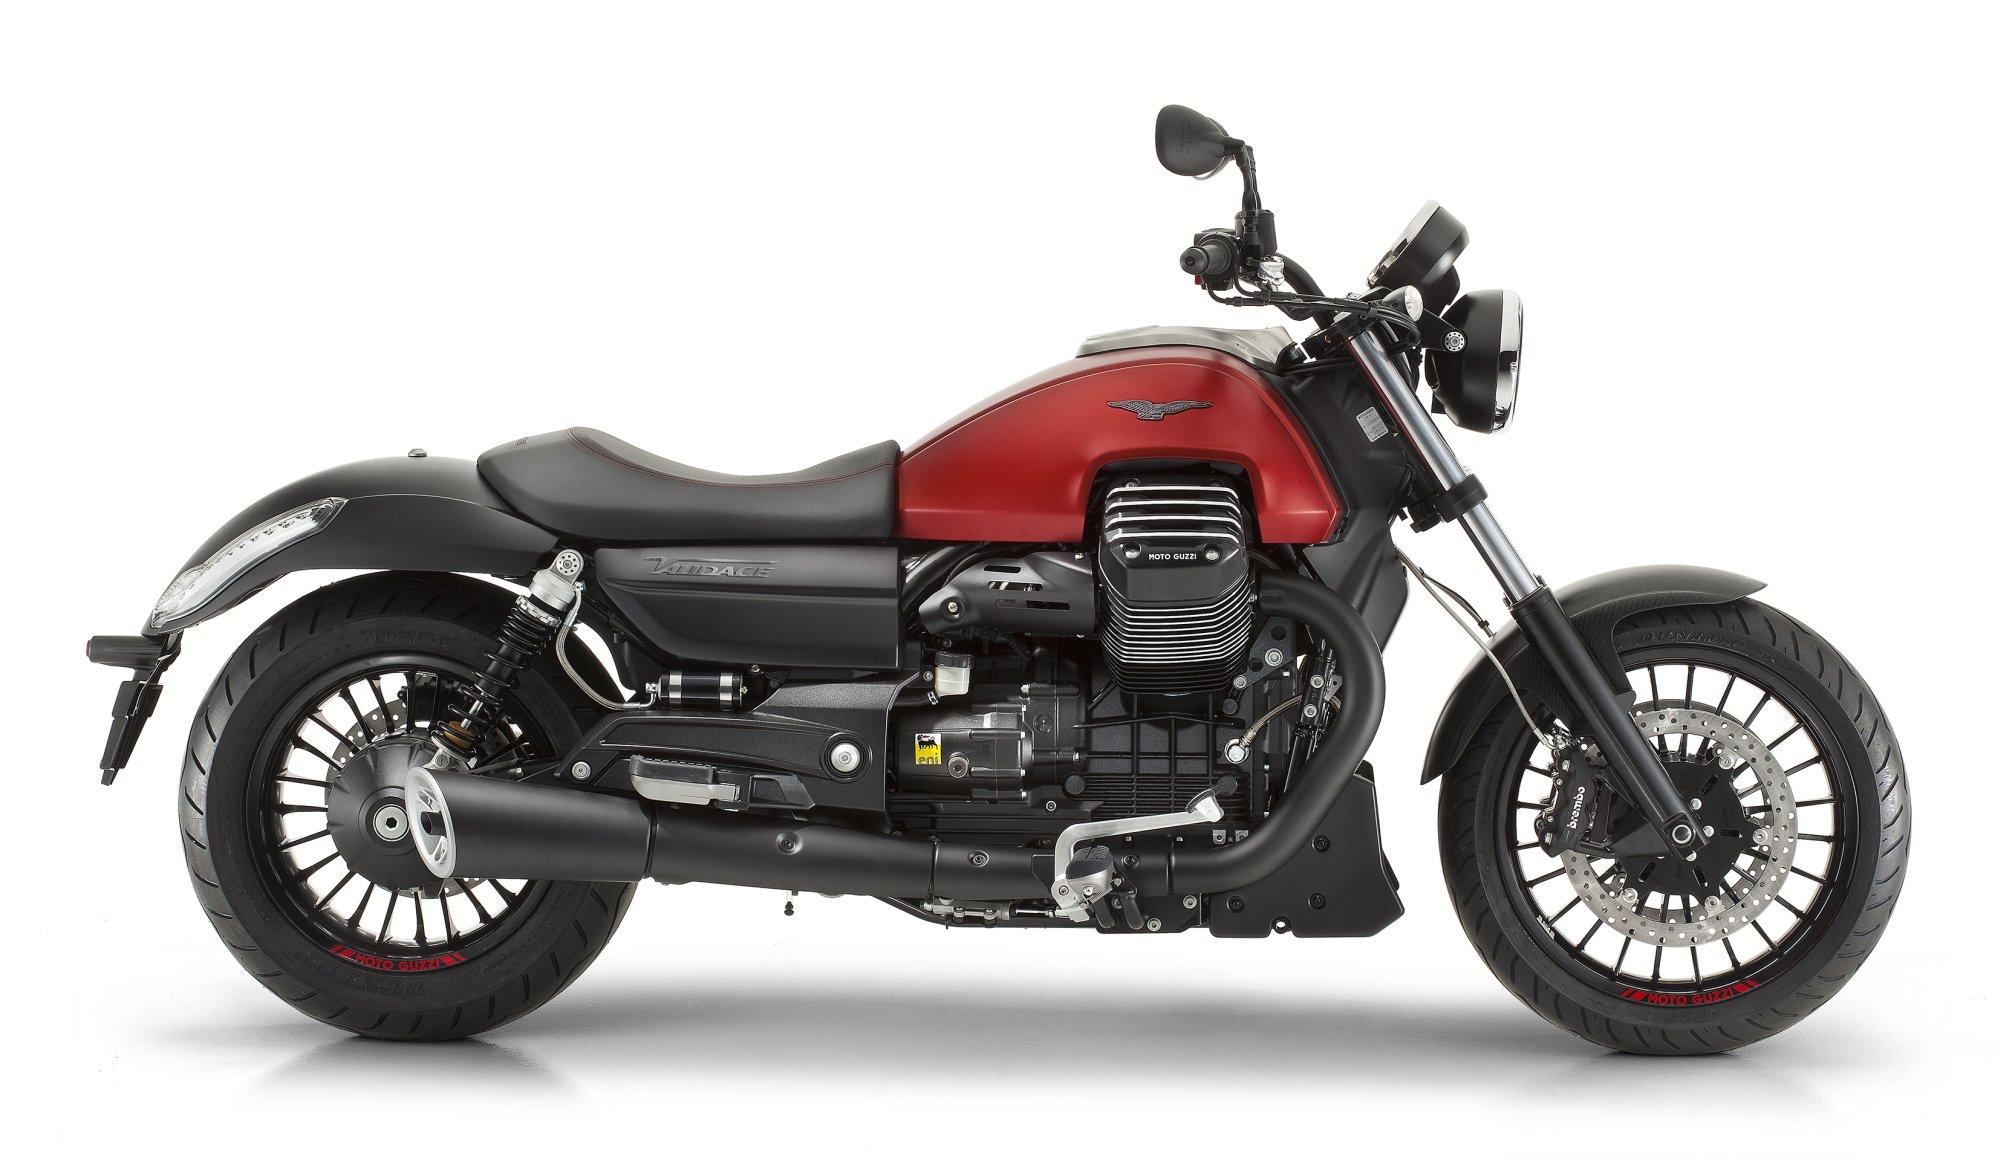 gebrauchte moto guzzi california 1400 audace motorr der kaufen. Black Bedroom Furniture Sets. Home Design Ideas